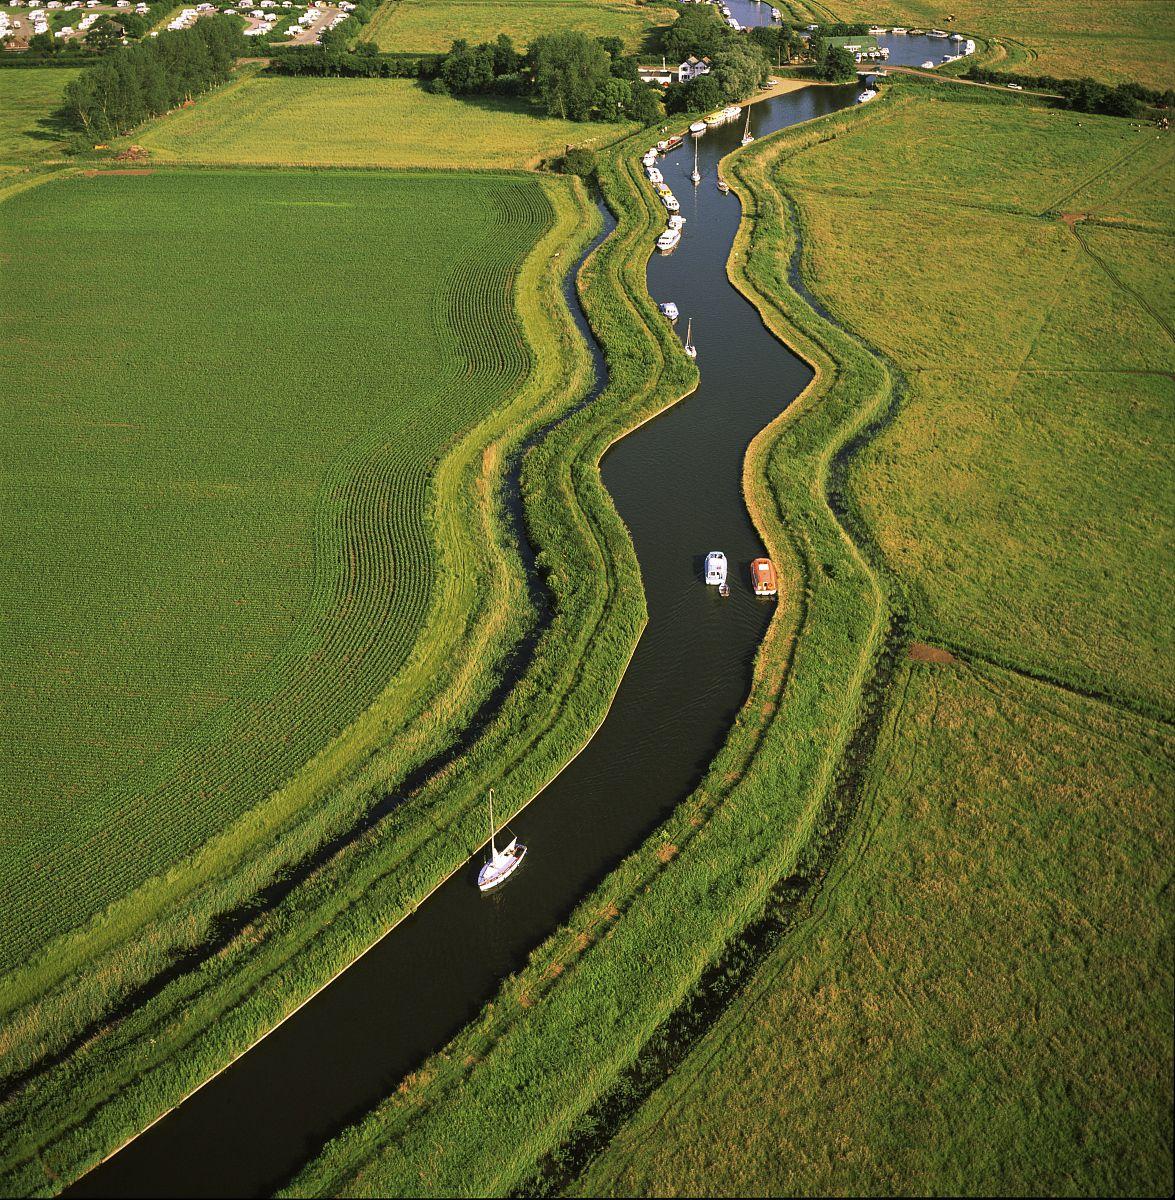 在卢德姆桥,norfolk,英国,英国,诺福克湖区鸟瞰,欧洲